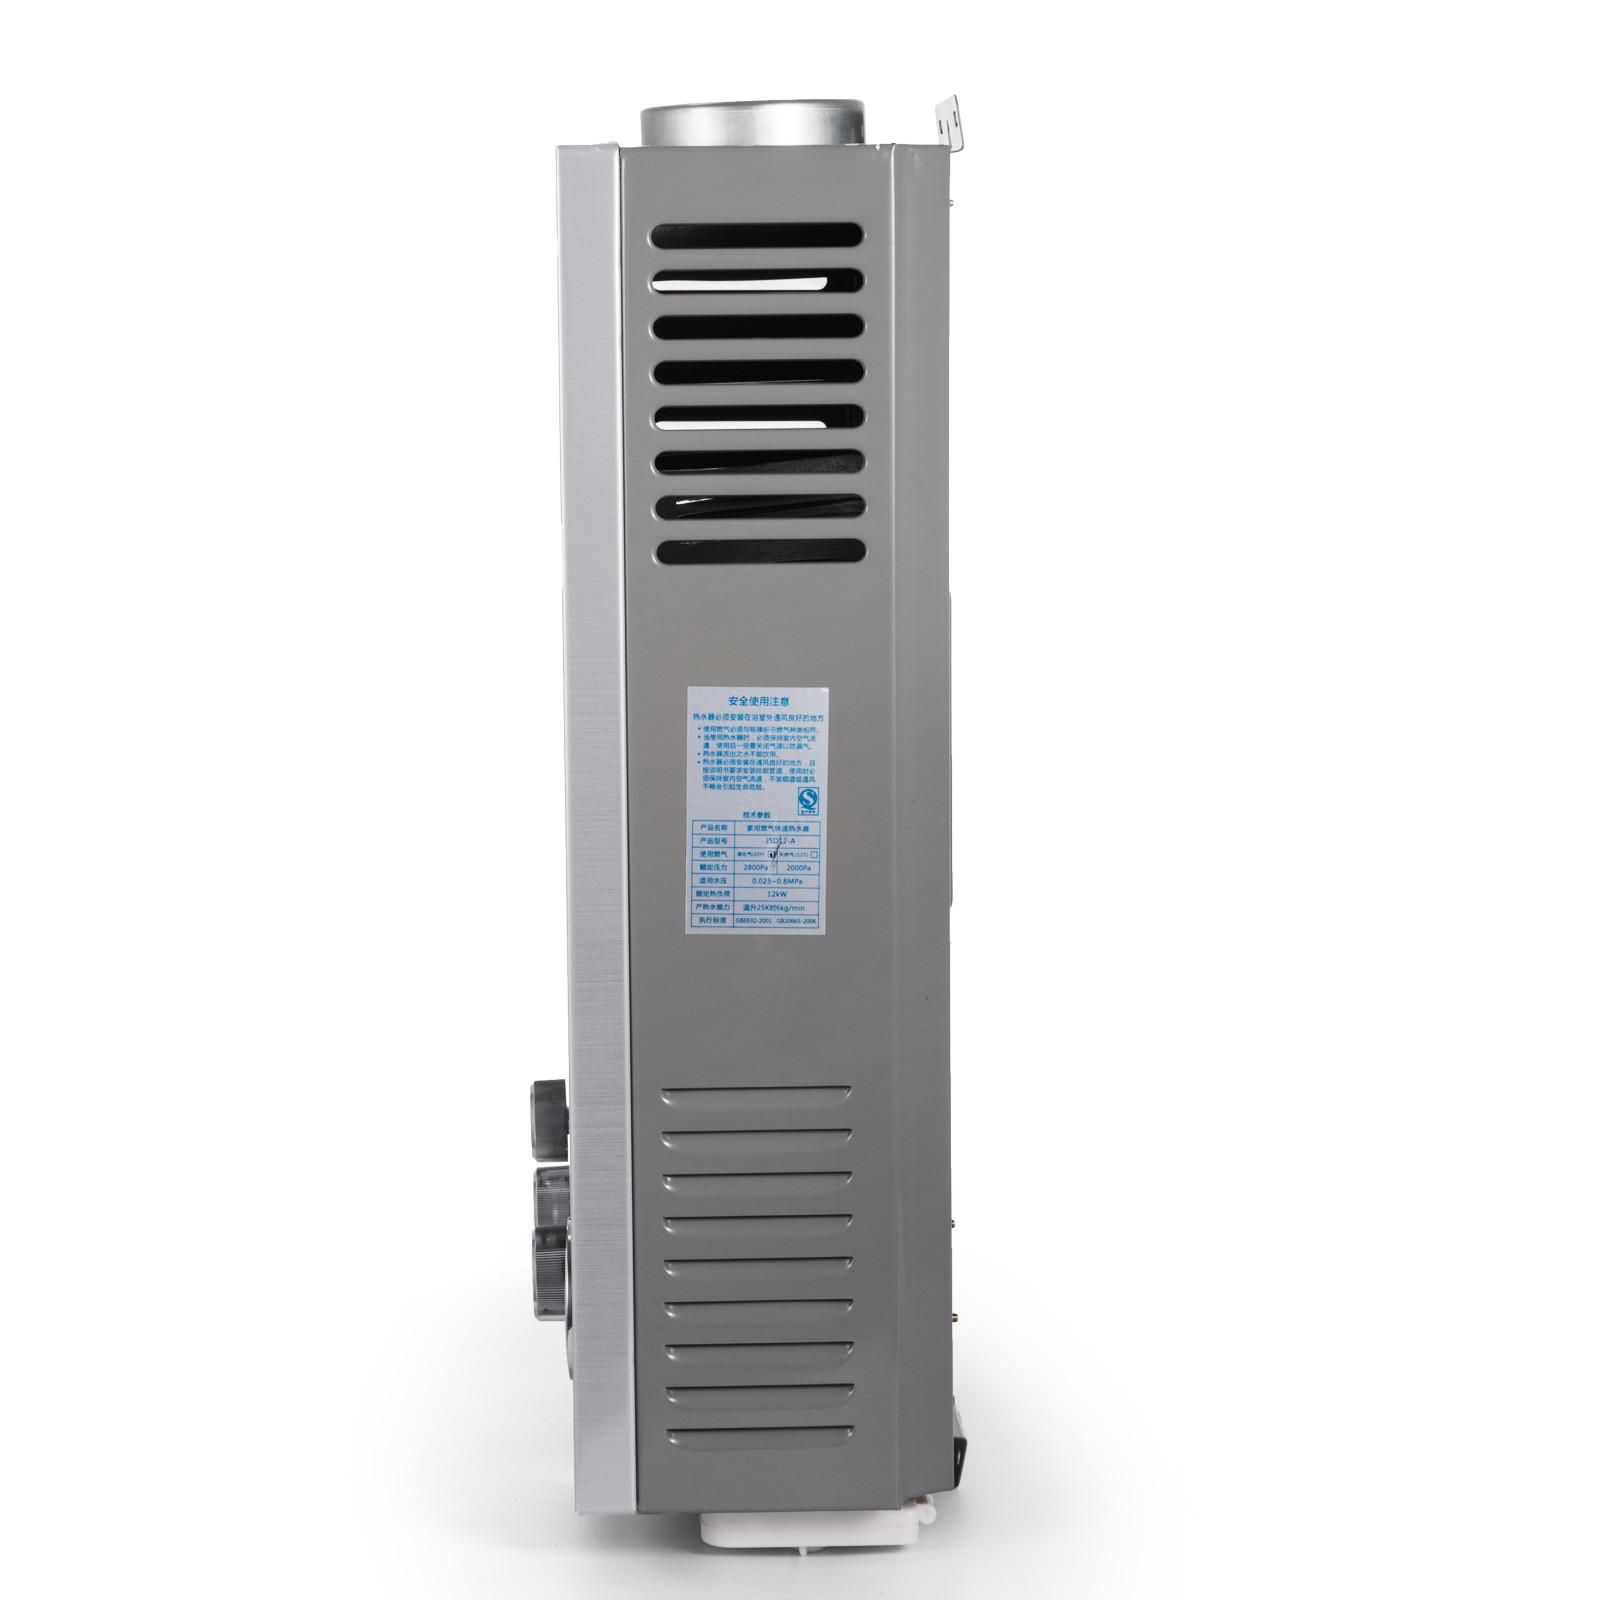 Propangas-Gas-Durchlauferhitzer-Warmwasserbereiter-Boiler-Warmwasserspeicher Indexbild 28